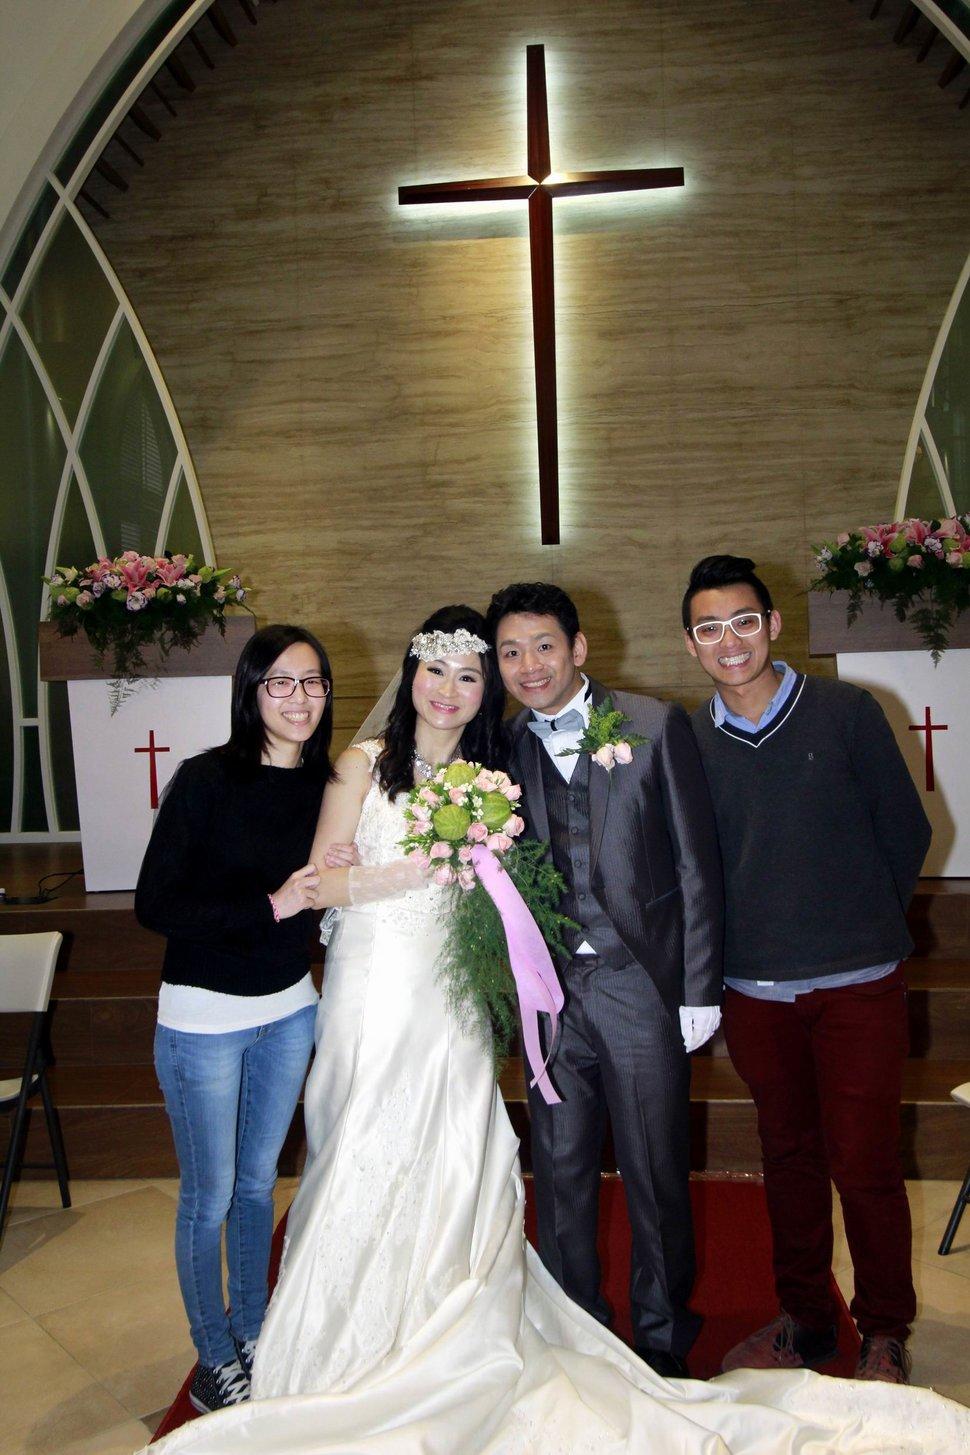 婚禮記錄汐止那米哥餐廳婚宴會館餐廳婚攝j婚錄結婚迎娶婚禮記錄動態微電影錄影專業錄影平面攝影婚禮紀錄婚攝婚錄主持人(編號:305653) - 蜜月拍照10800錄影12800攝影團隊 - 結婚吧